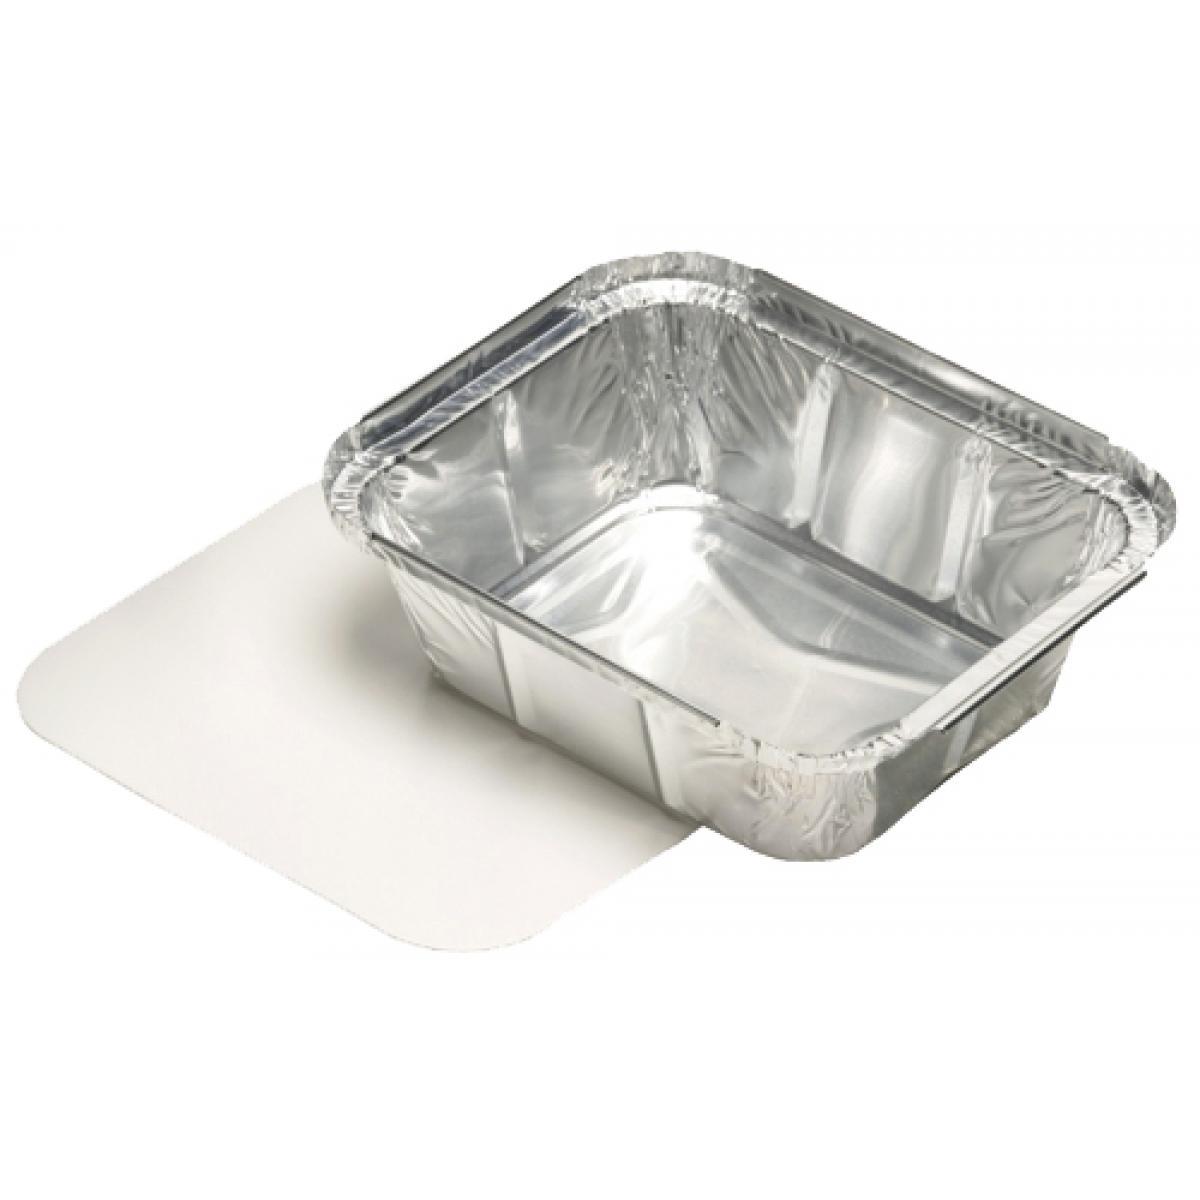 PAPSTAR Aluminium-Schale eckig, mit Deckel, 800 ml (14510) (4002911145104)